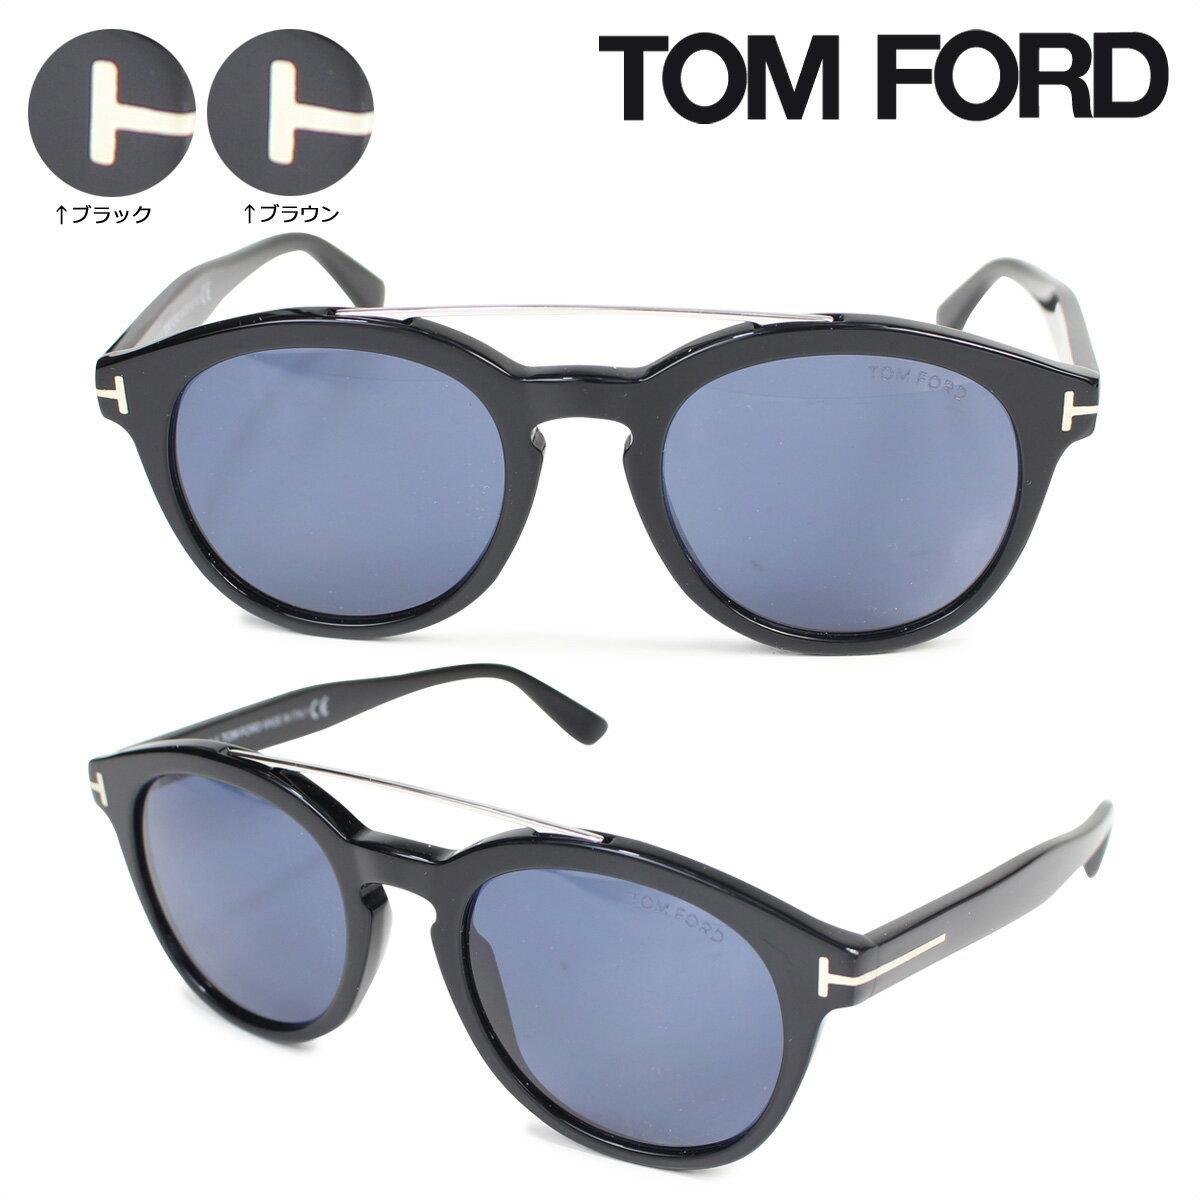 トムフォード TOM FORD サングラス メガネ メンズ レディース アイウェア FT0515 NEWMAN SUNGLASSES 2カラー